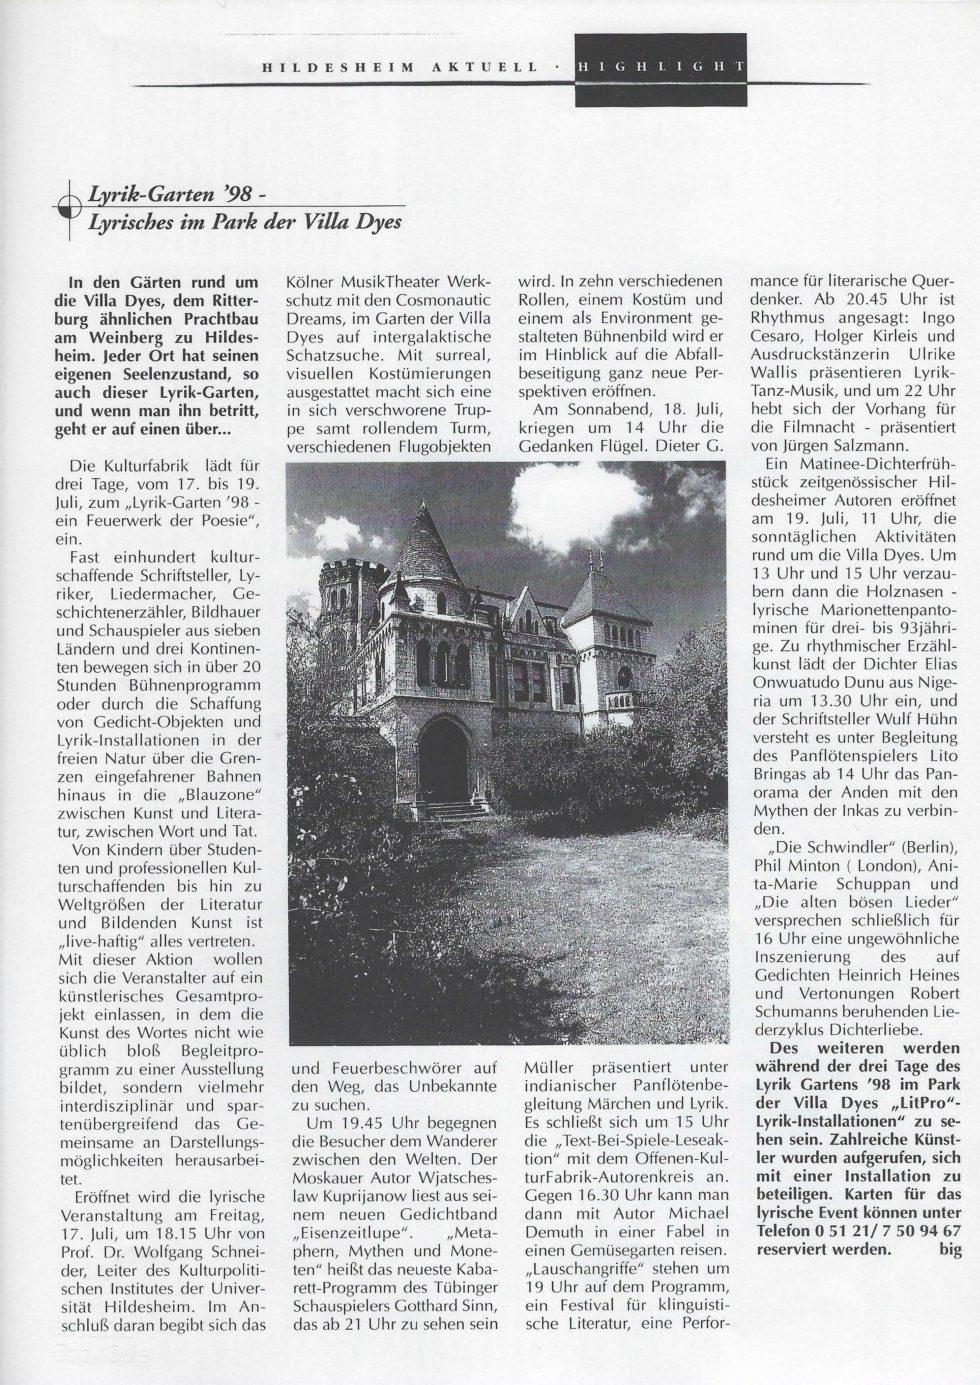 1998 LyrikGarten, LiteraTalk, Politisches_Seite_25